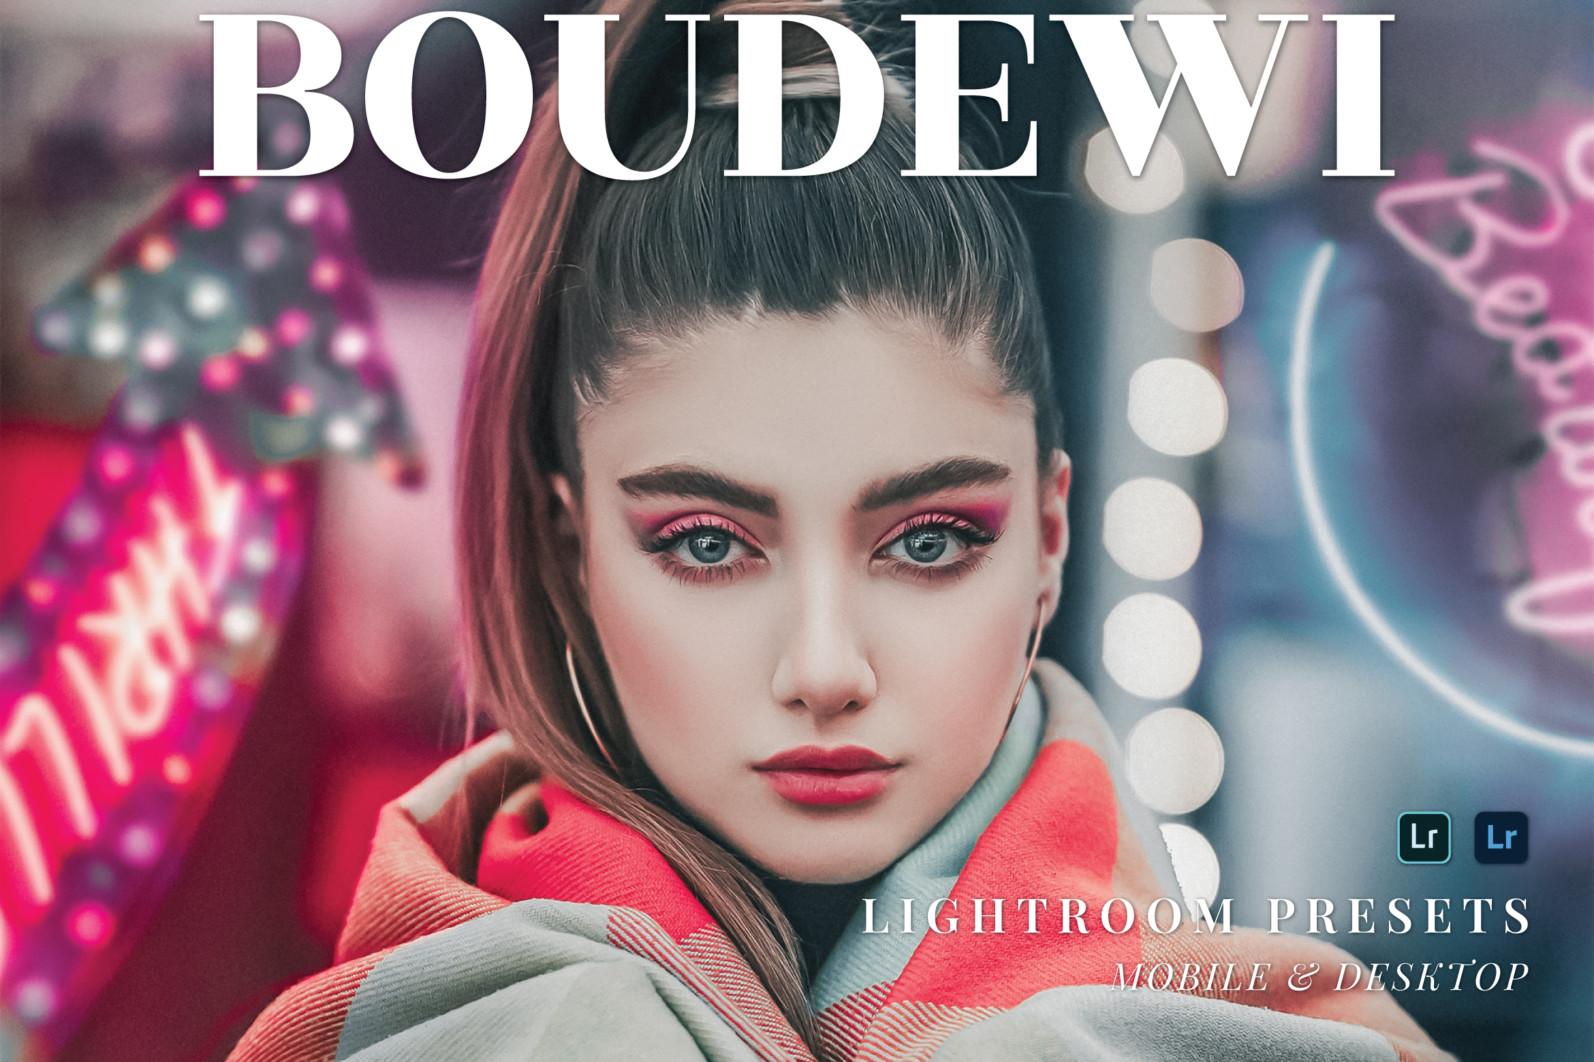 10 Boudewi Lightroom Mobile and Desktop Presets   Works with Free Lightroom Mobile App - 1 520 -